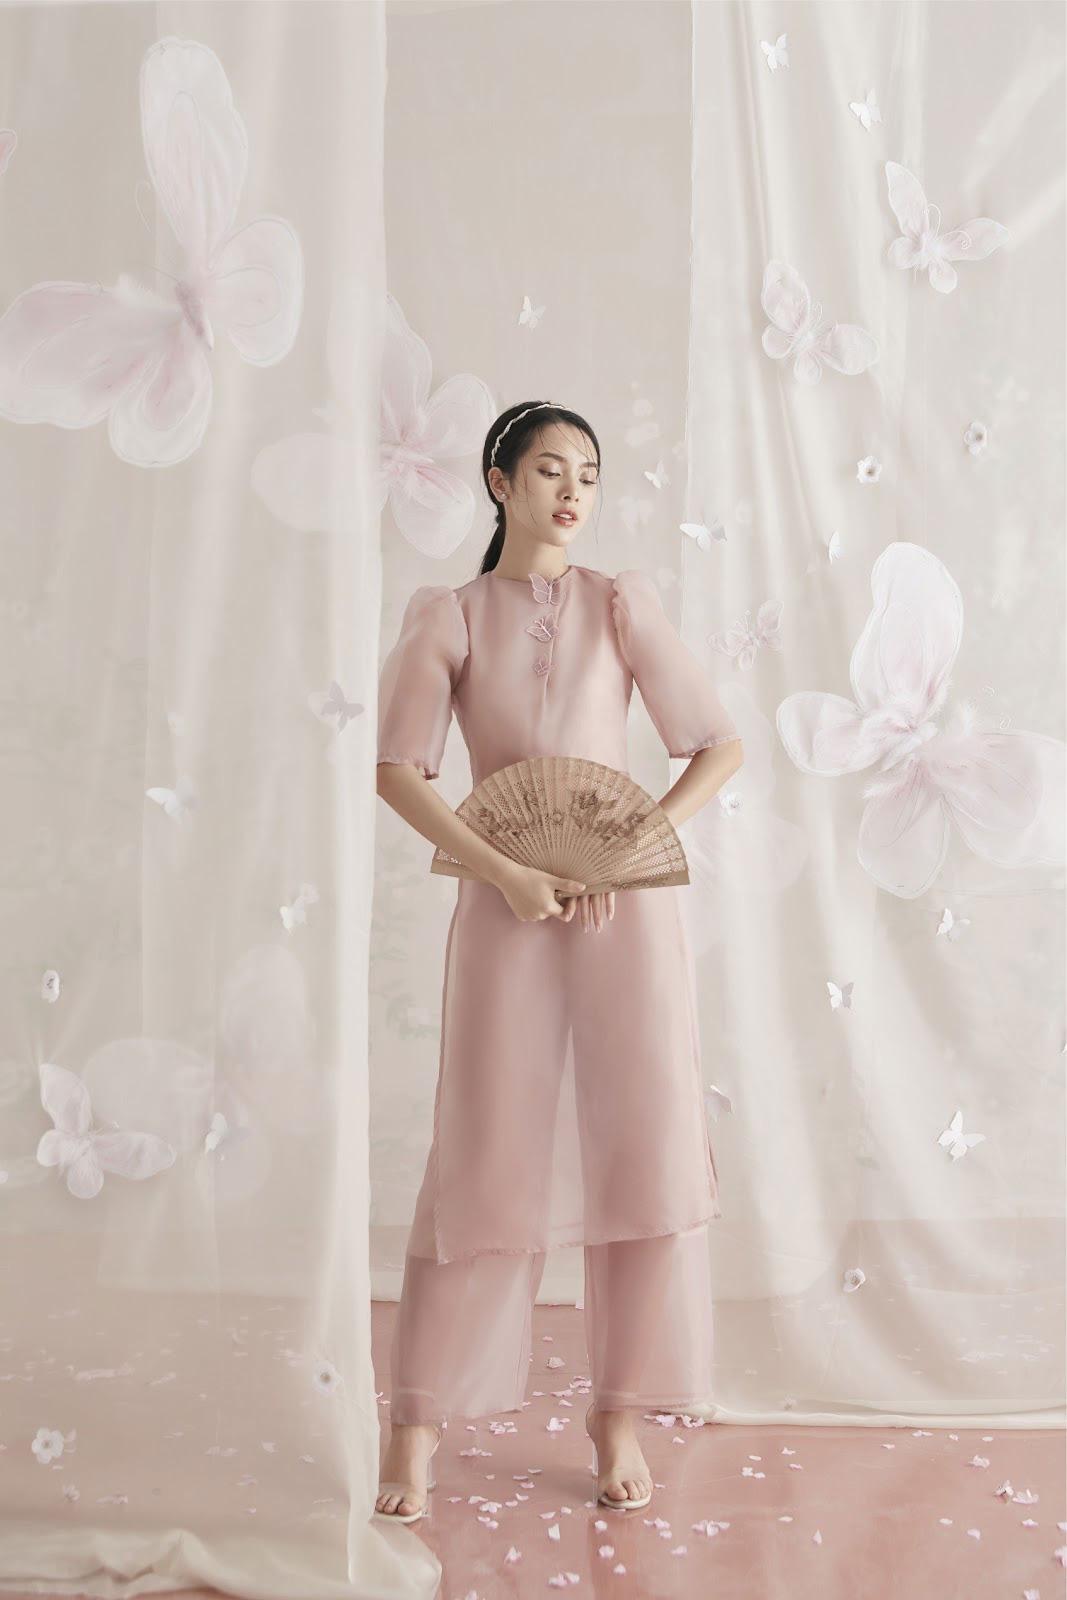 Diện đẹp đón Tết Canh Tý với mẫu áo dài họa tiết lạ mắt - Ảnh 2.